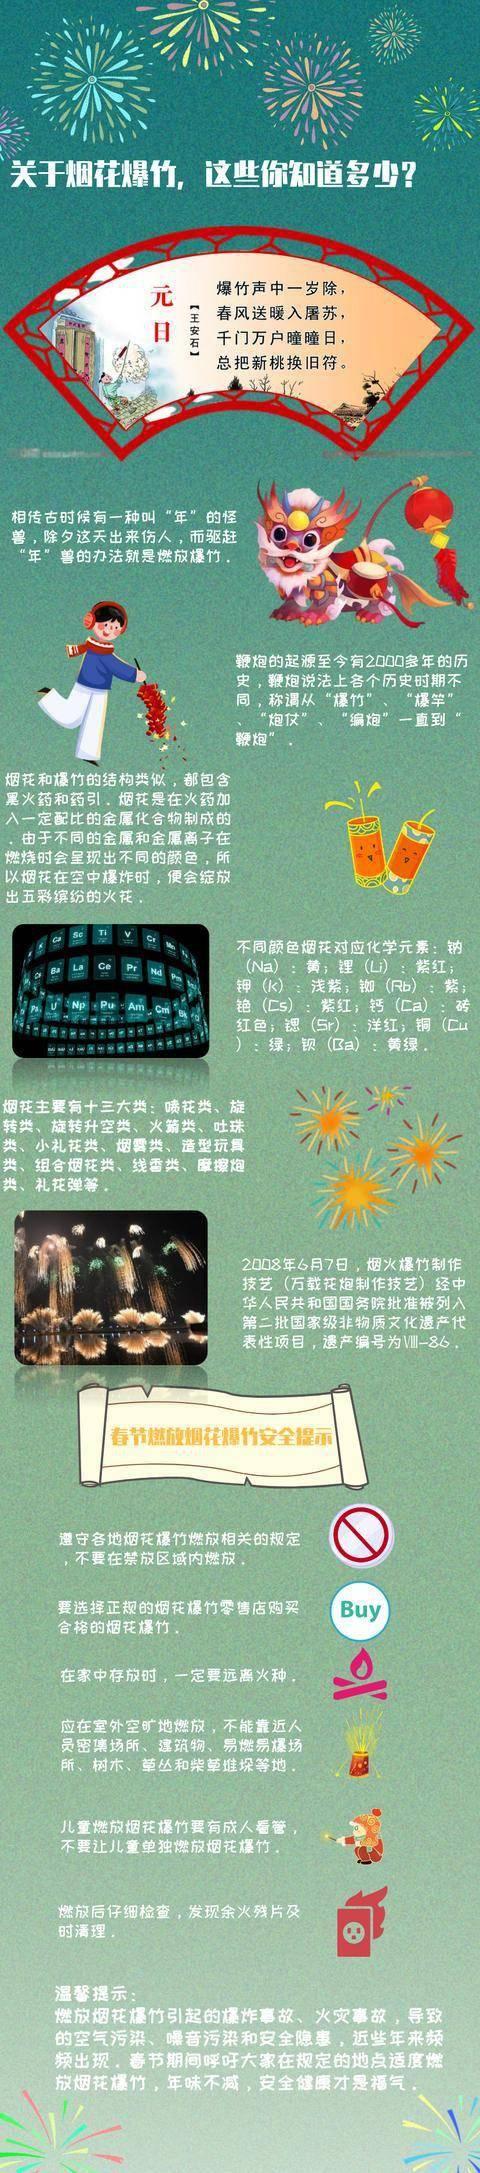 天顺登录:关于烟花爆竹,这些你知道多少?_锦州